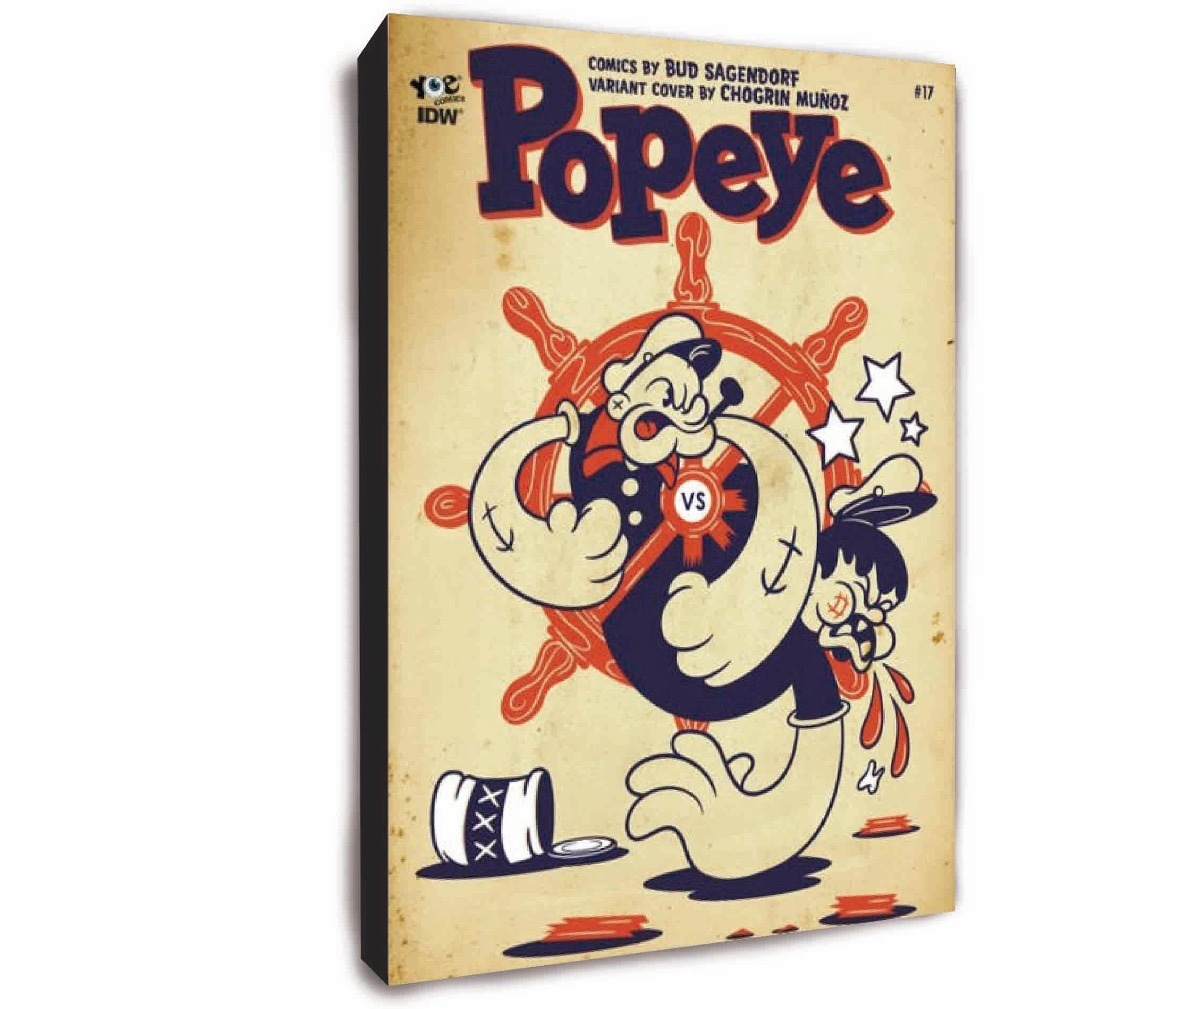 Popeye olivia y brutus cuadros para decorar de caricaturas 599 popeye olivia y brutus cuadros para decorar de caricaturas cargando zoom thecheapjerseys Gallery